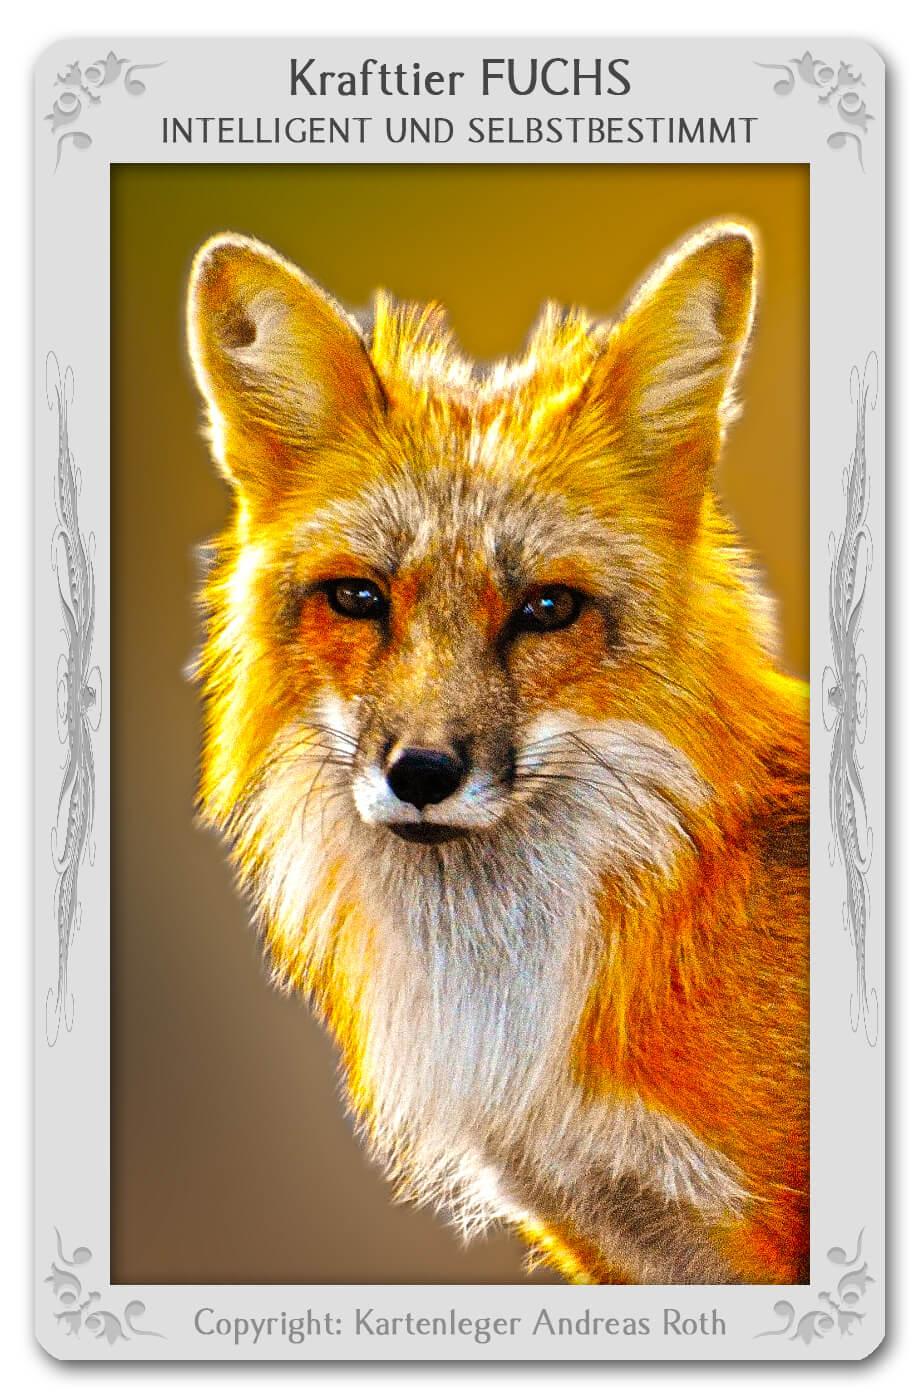 Krafttier Fuchs: Bedeutung & Eigenschaften